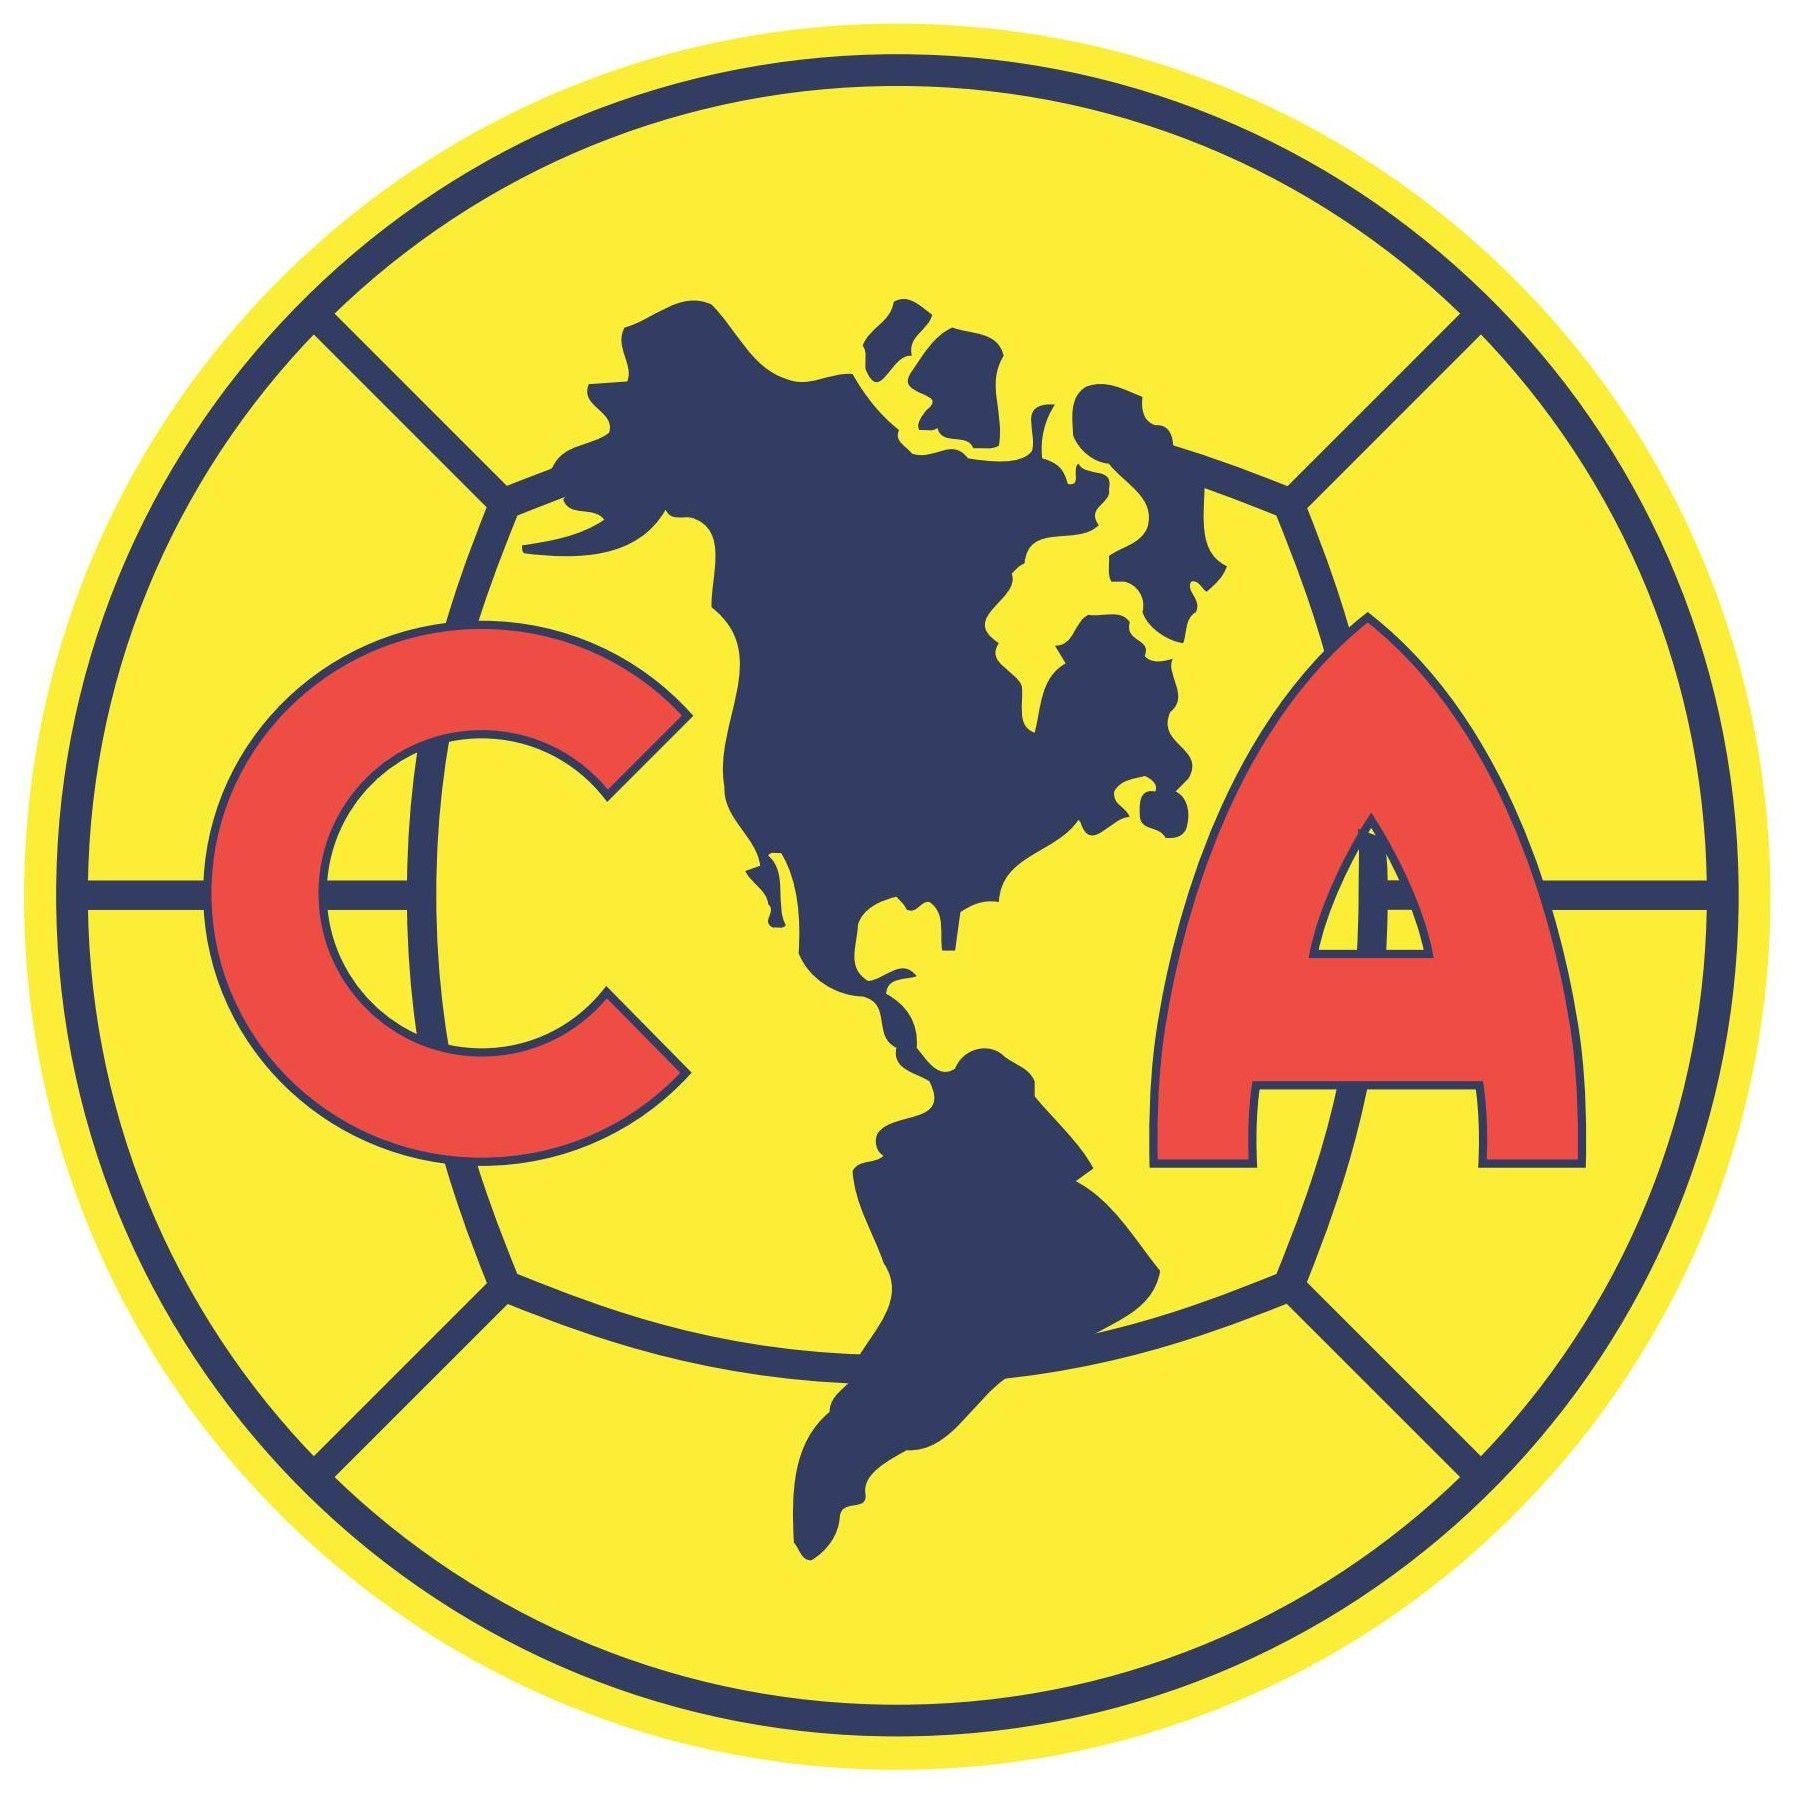 Club América, Liga MX, Mexico City, Mexico.